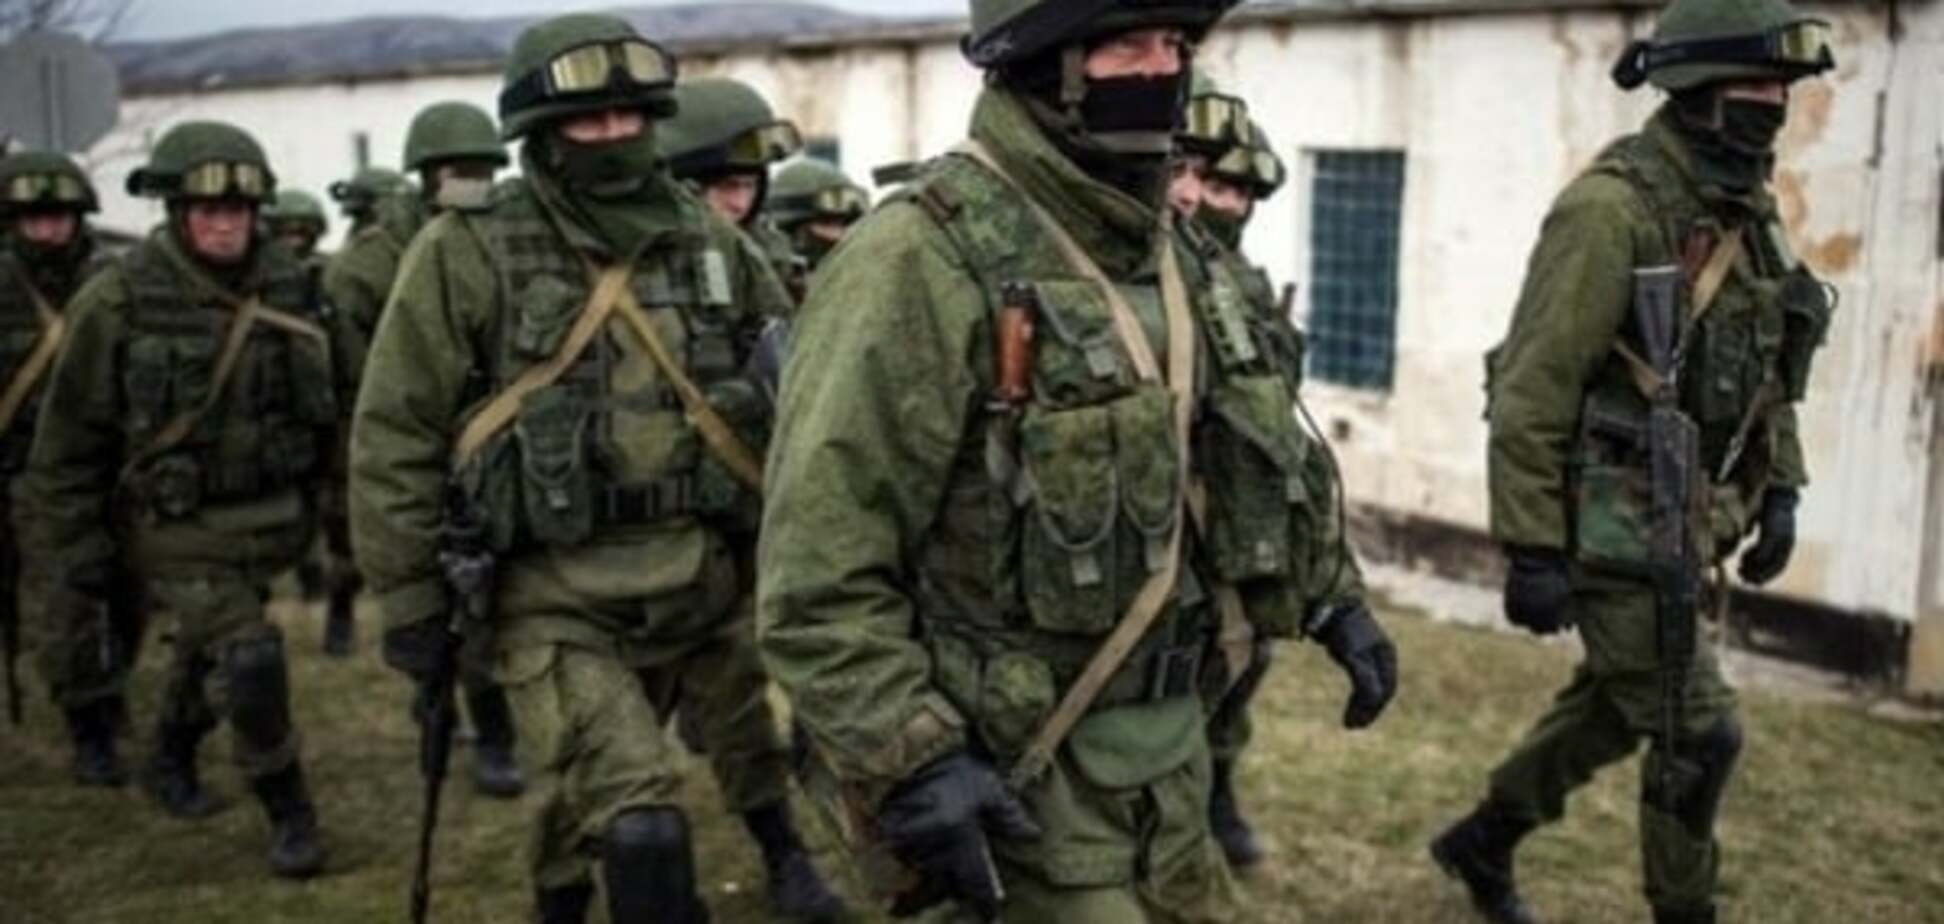 Окупанти перекинули в 'сіру зону' на Донбасі бригаду спецназу, що захоплювала Крим  - ГУР